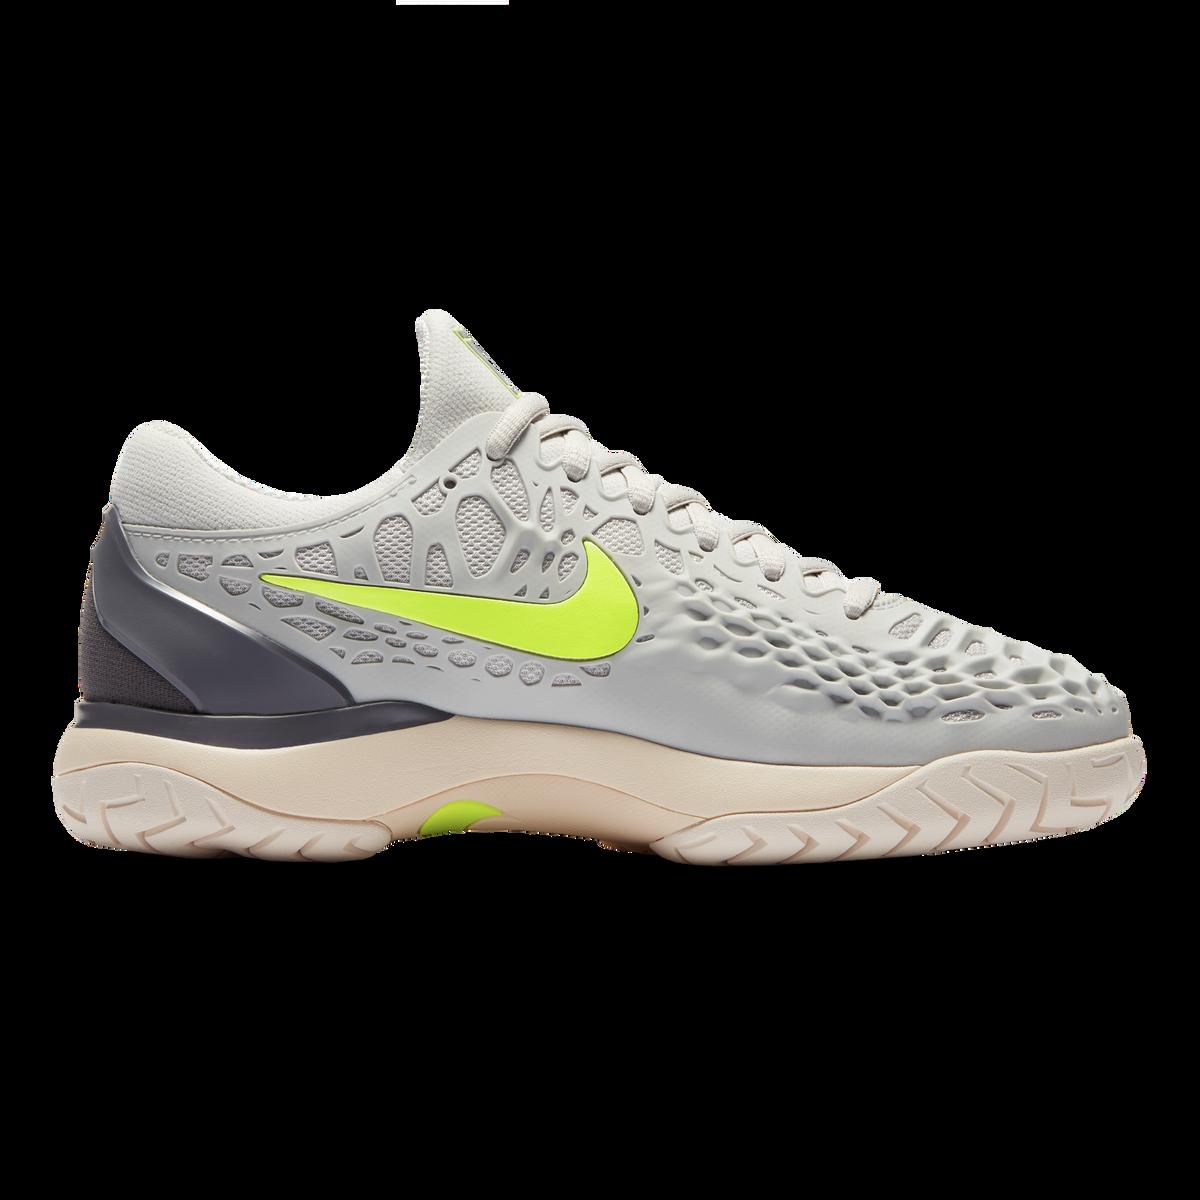 824d91b4d278 Nike Zoom Cage 3 Women s Tennis Shoe - Grey Green